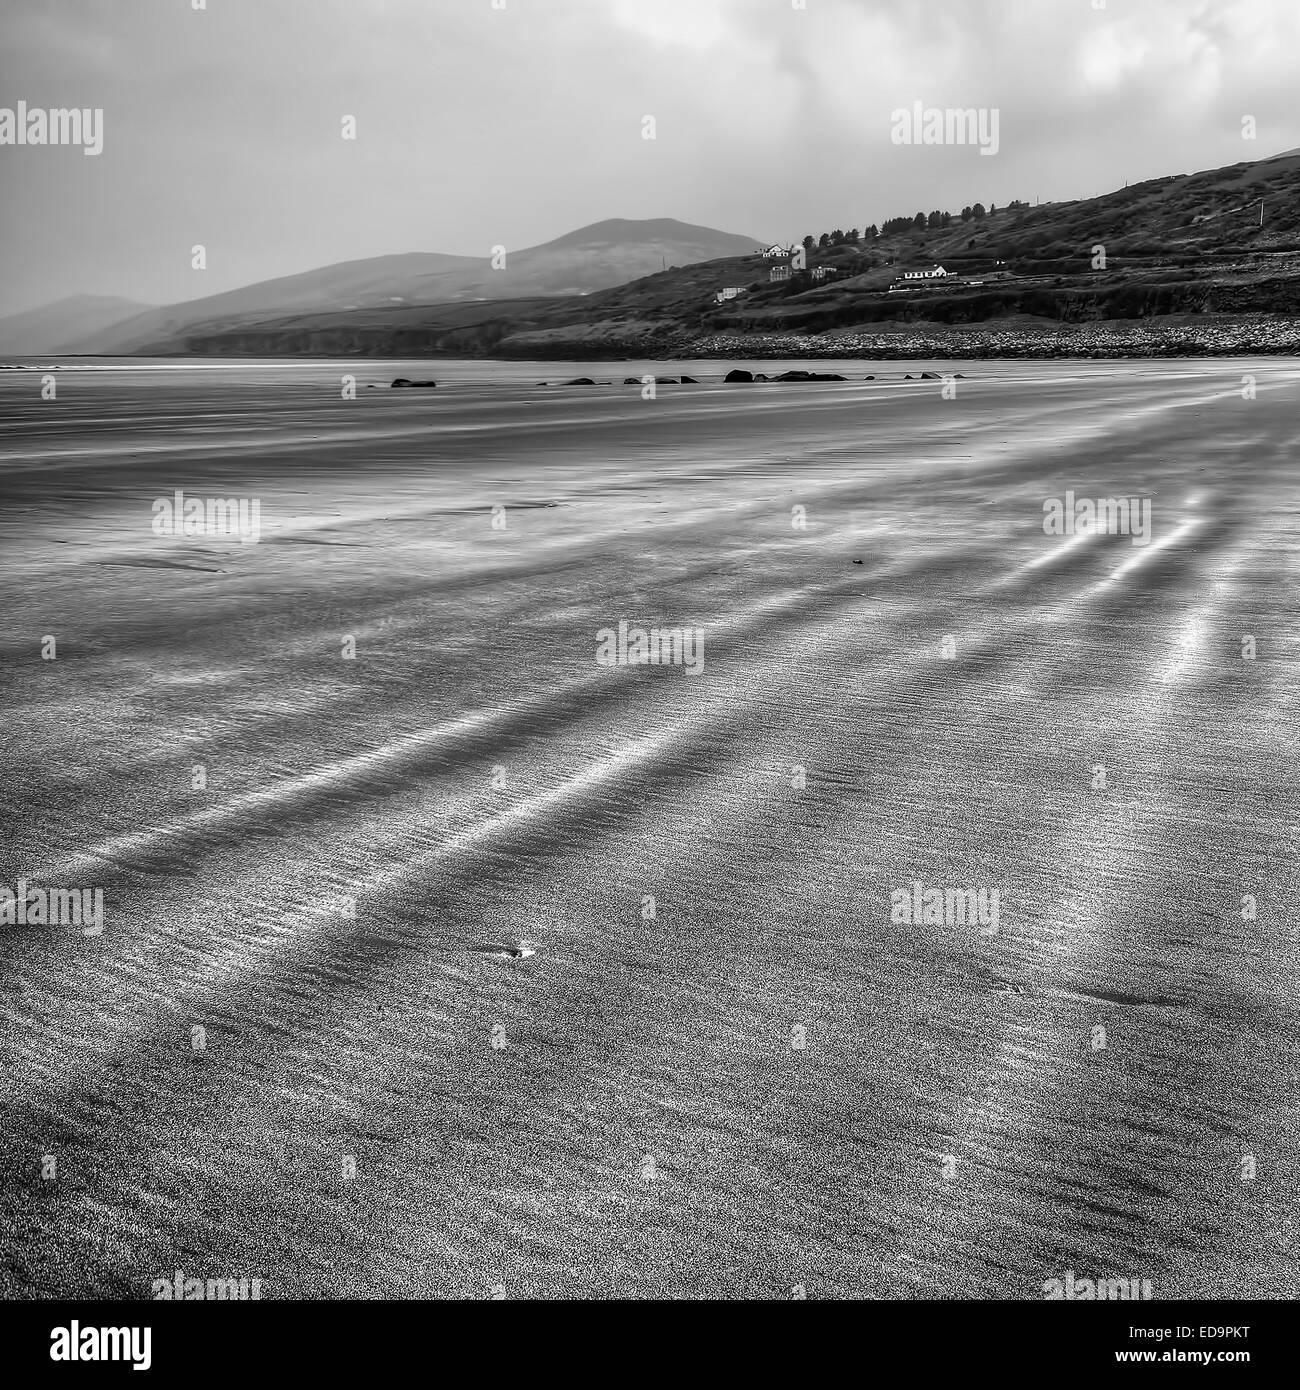 Dingle Peninsula, Ireland - Stock Image